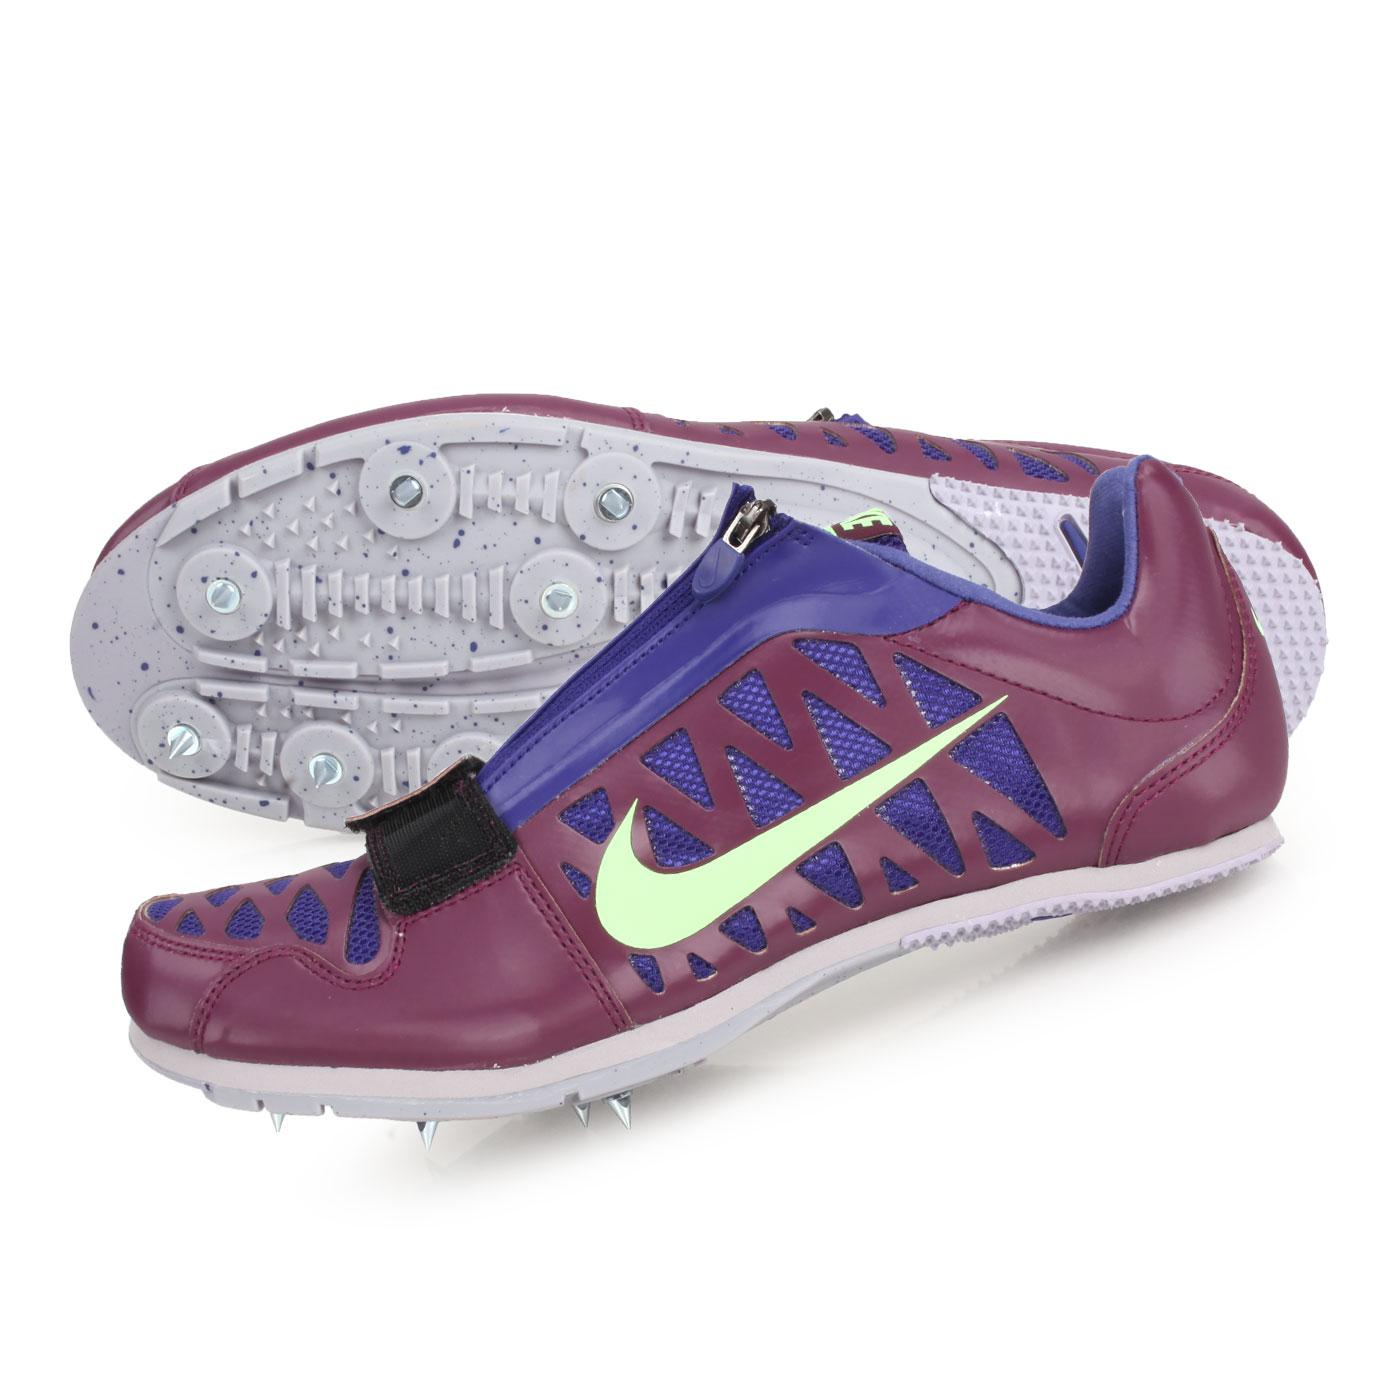 NIKE 田徑釘鞋(跳遠)  @ZOOM LJ 4@415339003 - 紫羅蘭